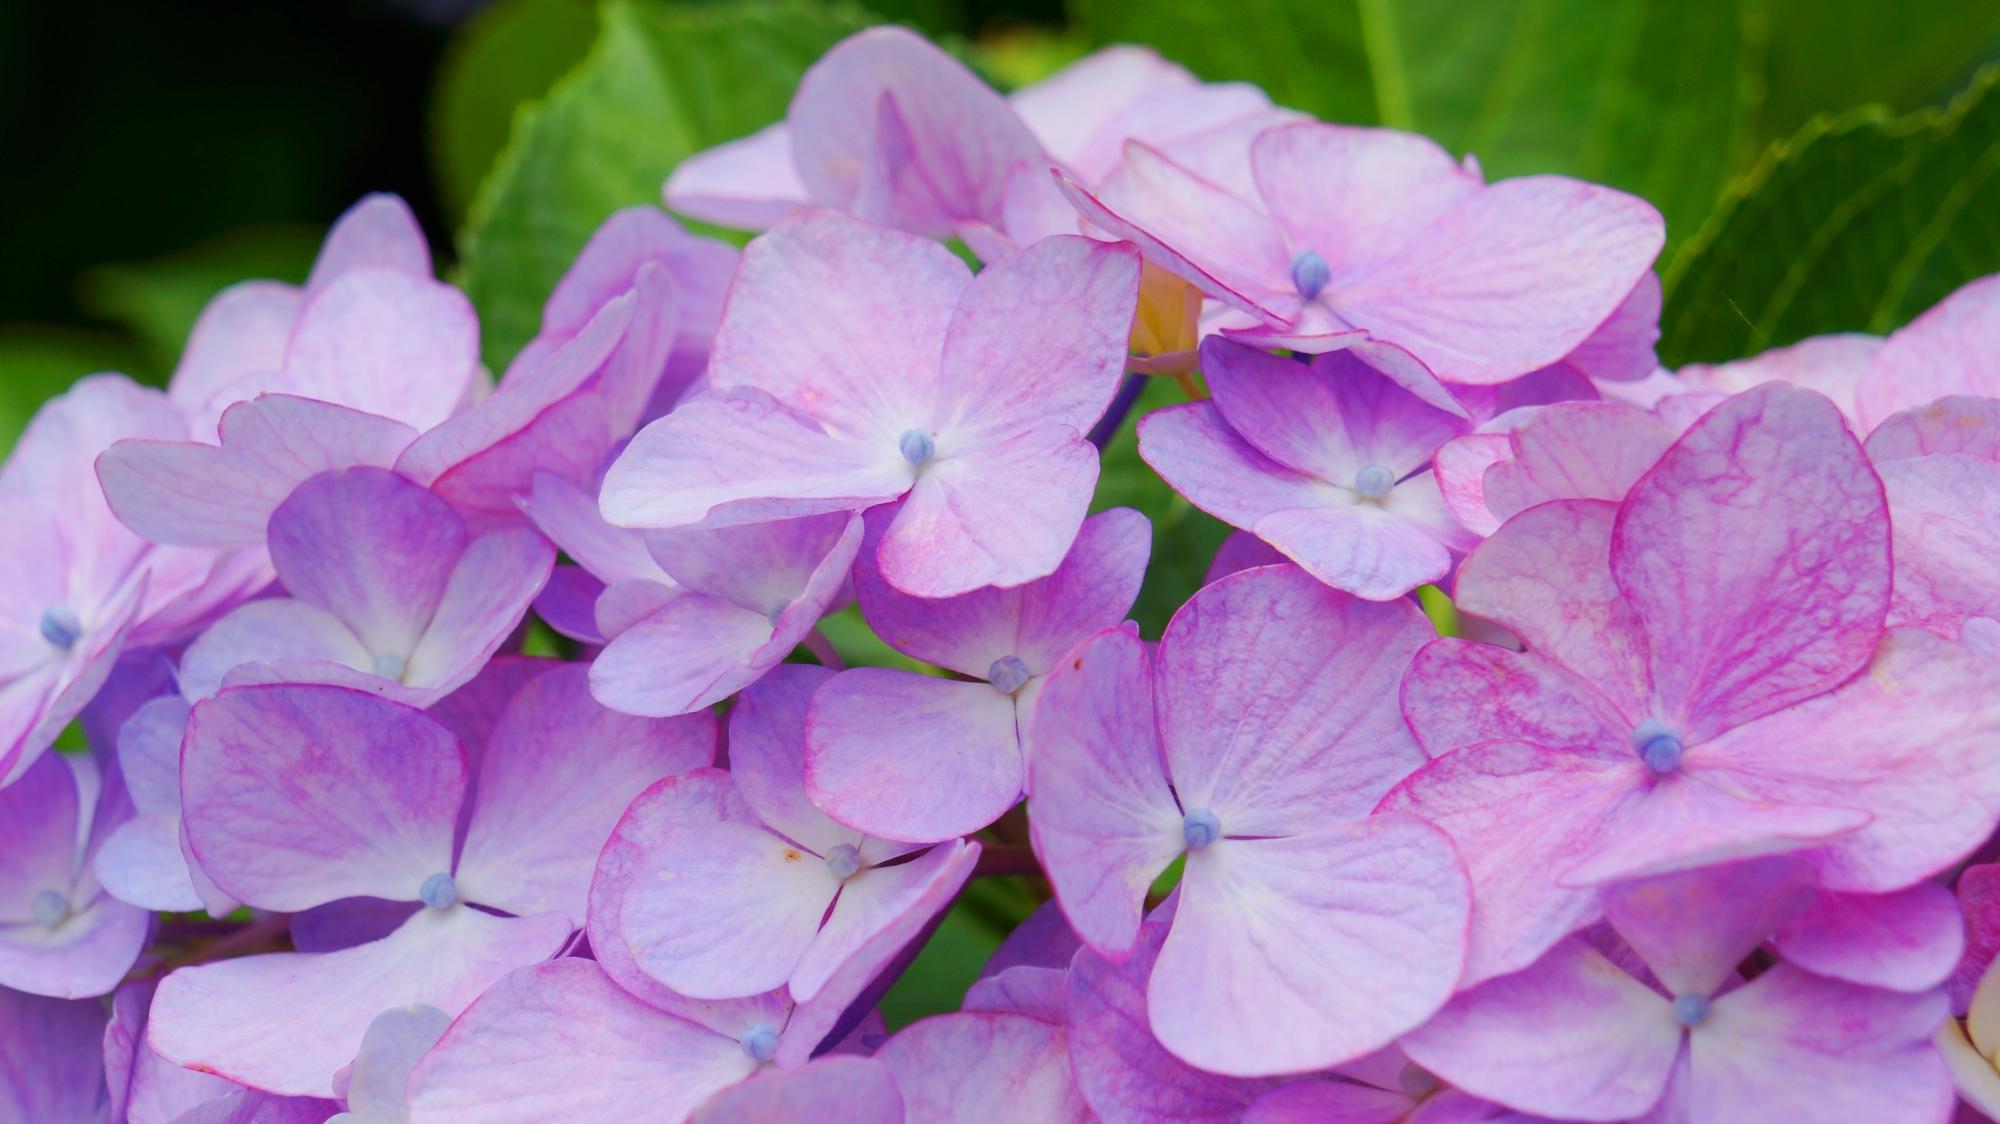 花びら一枚一枚非常に繊細で可憐なあじさい